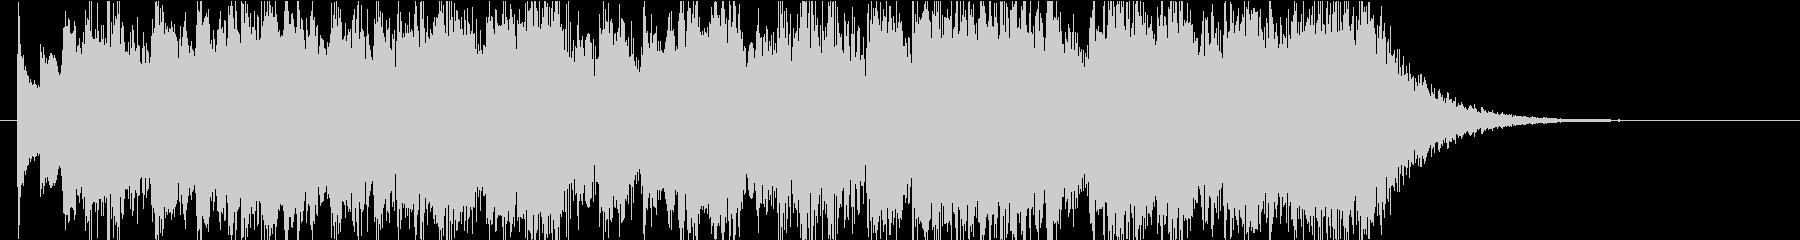 怪しい雰囲気のダークメルヘンなEDの未再生の波形